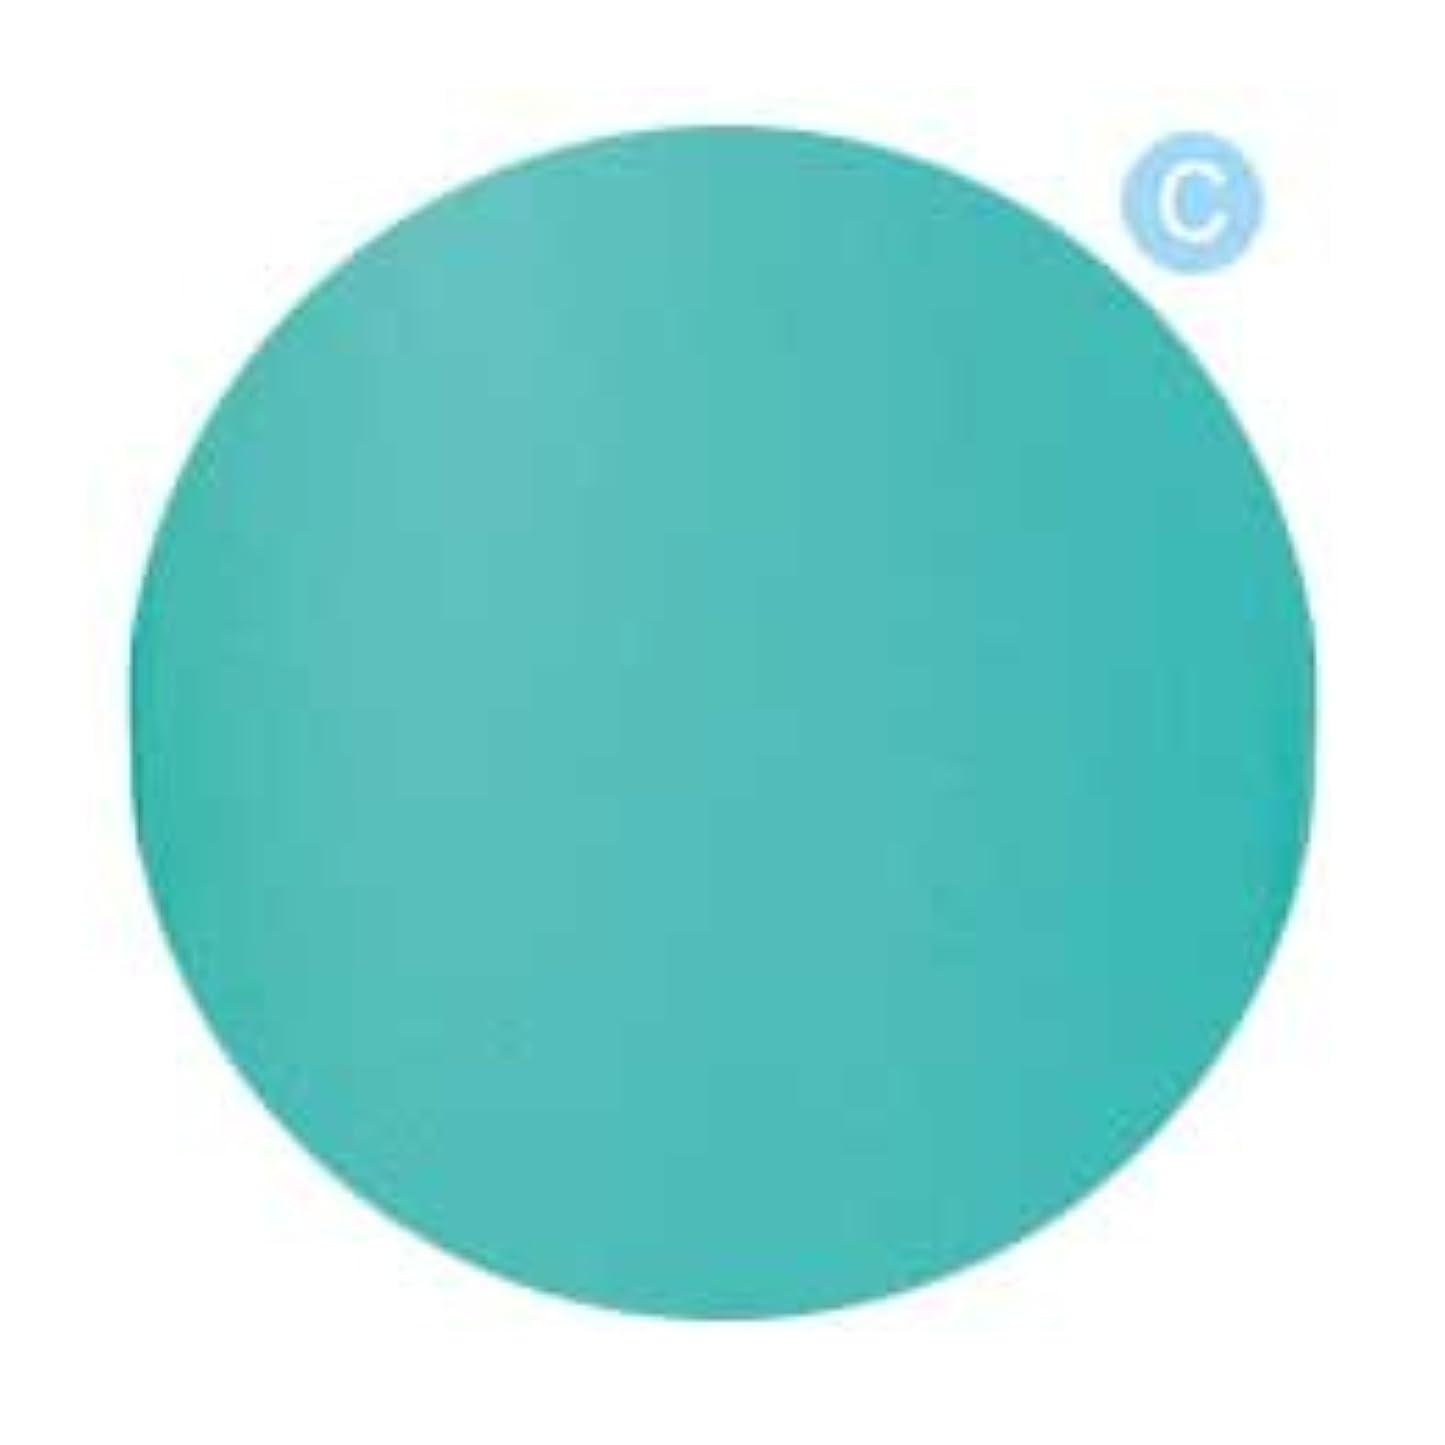 安心第五原始的なPalms Graceful カラージェル 3g 022 クリアグリーン